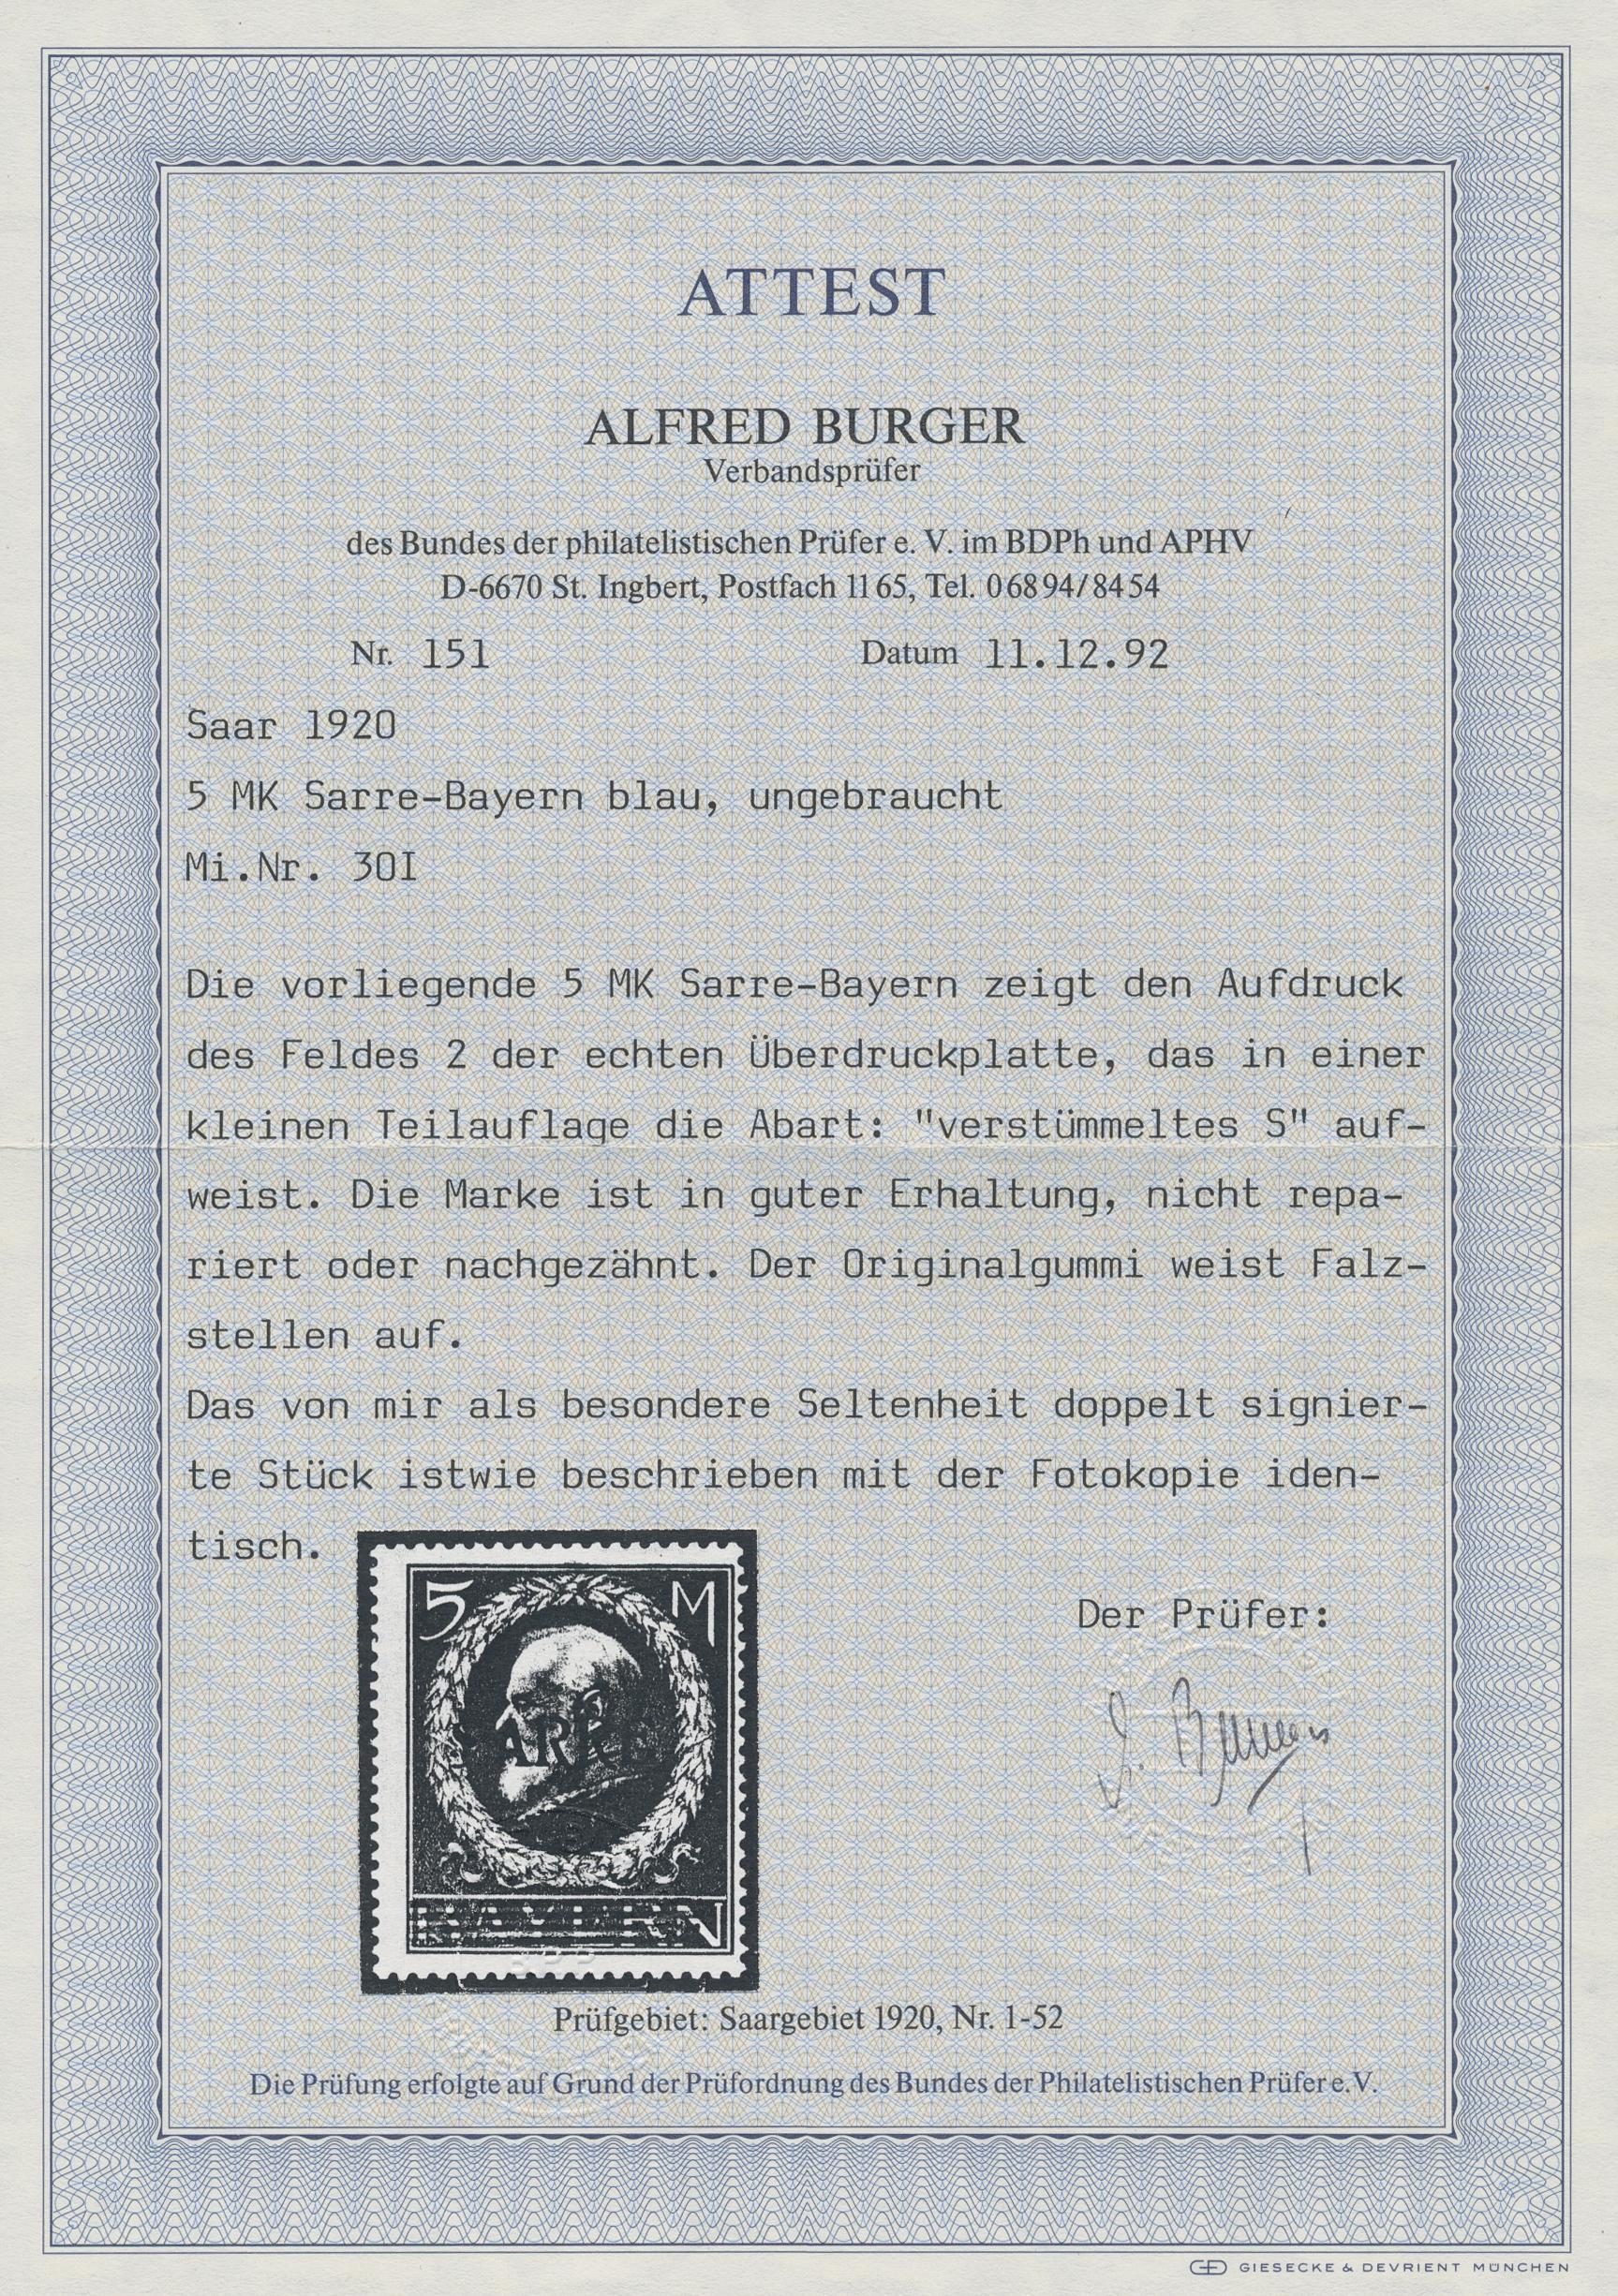 Lot 05998 - Deutsche Abstimmungsgebiete: Saargebiet  -  Auktionshaus Christoph Gärtner GmbH & Co. KG Special Auction 26.- 28. May 2020 Day 3 Single Lots